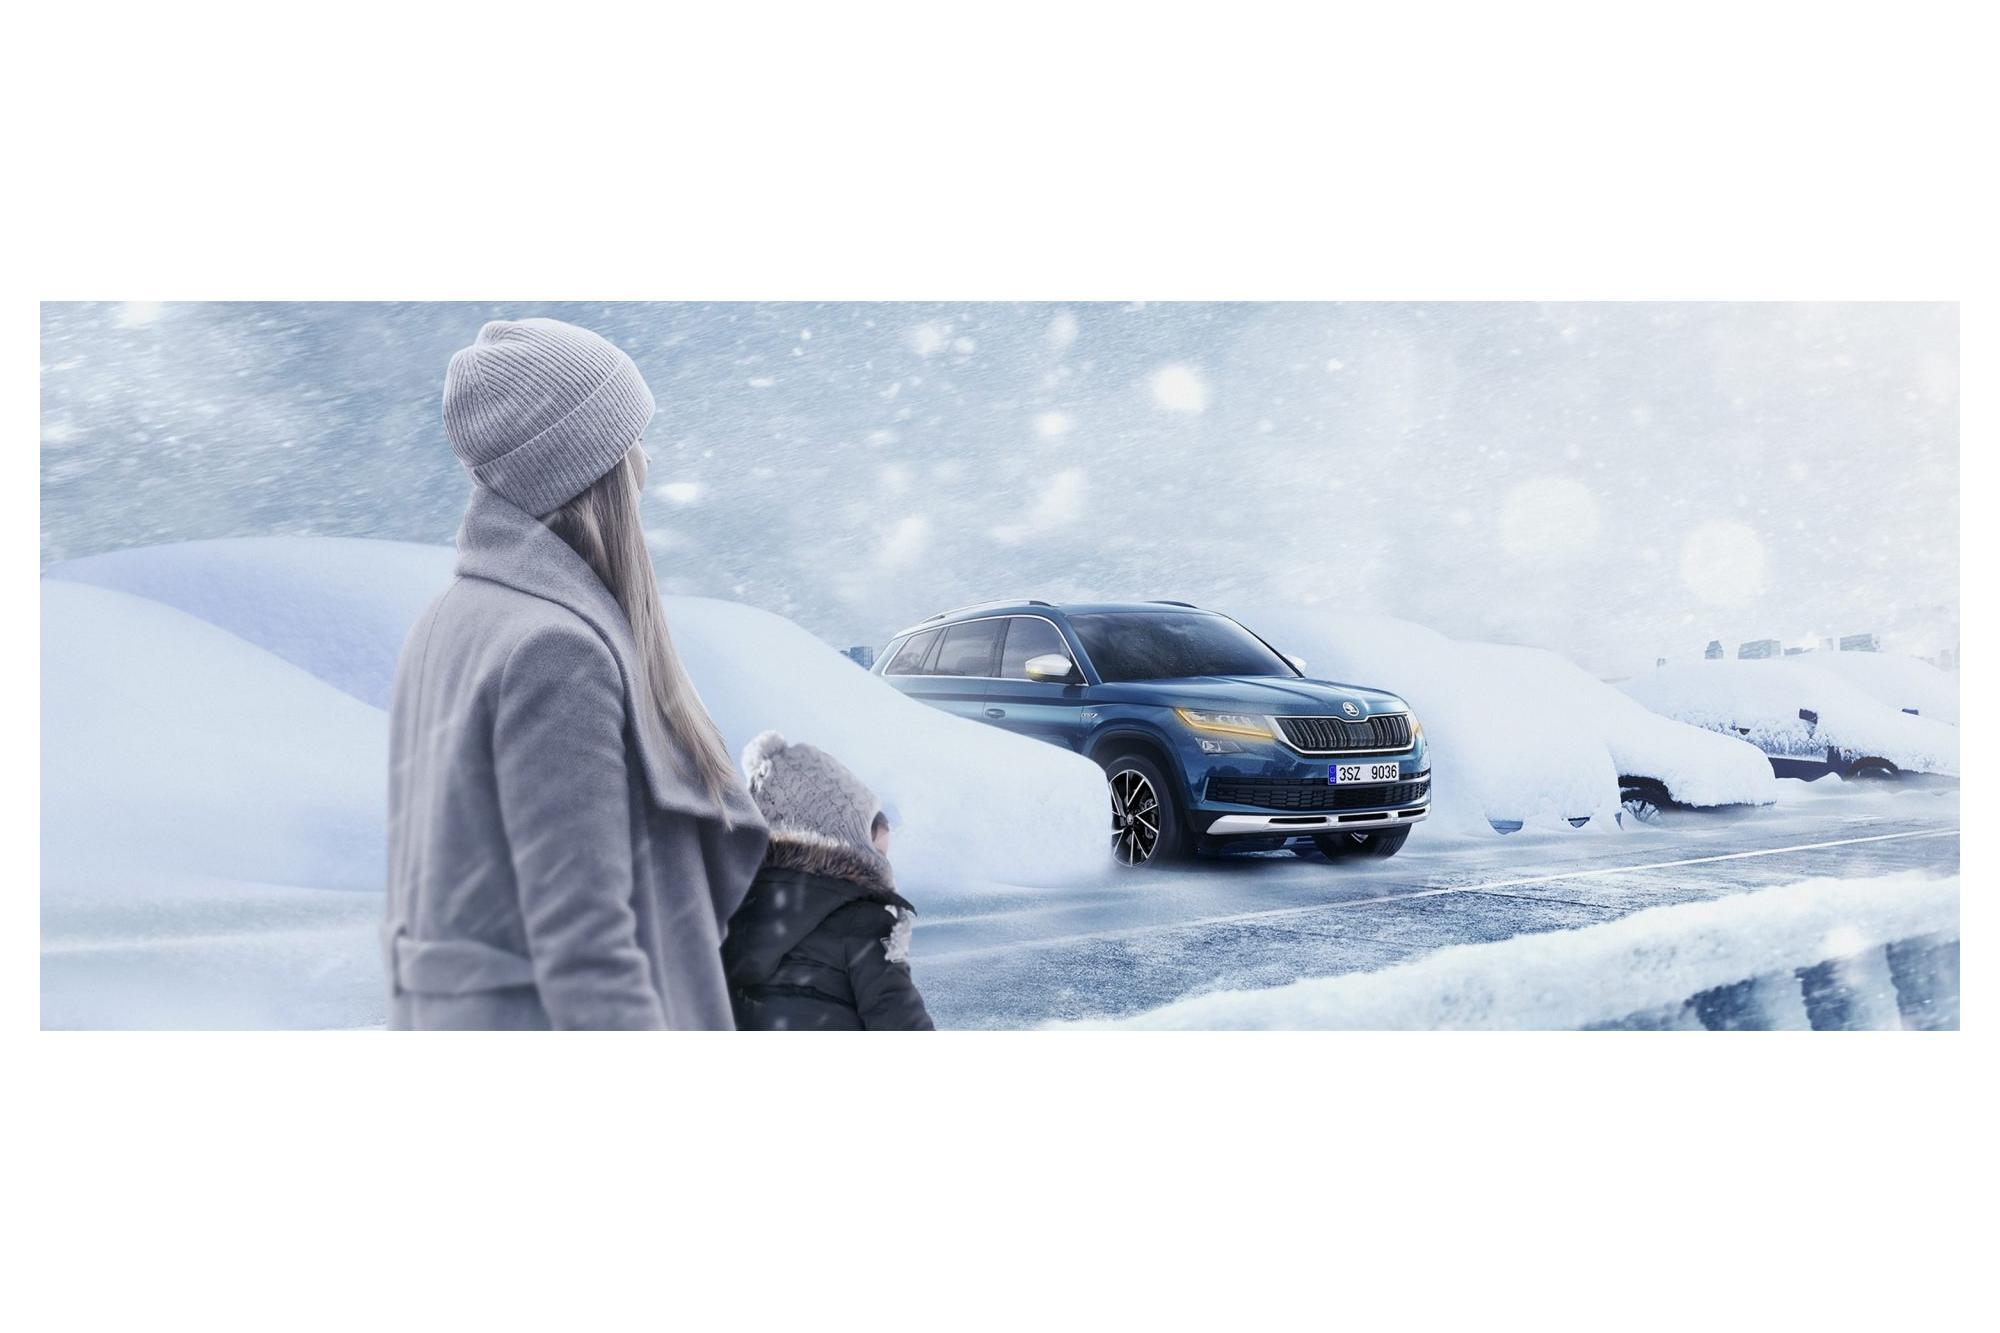 Ασφαλής οδήγηση και το χειμώνα - Ο παγκόσμιος πρωταθλητής ράλι Jan Kopecky συμβουλεύει!